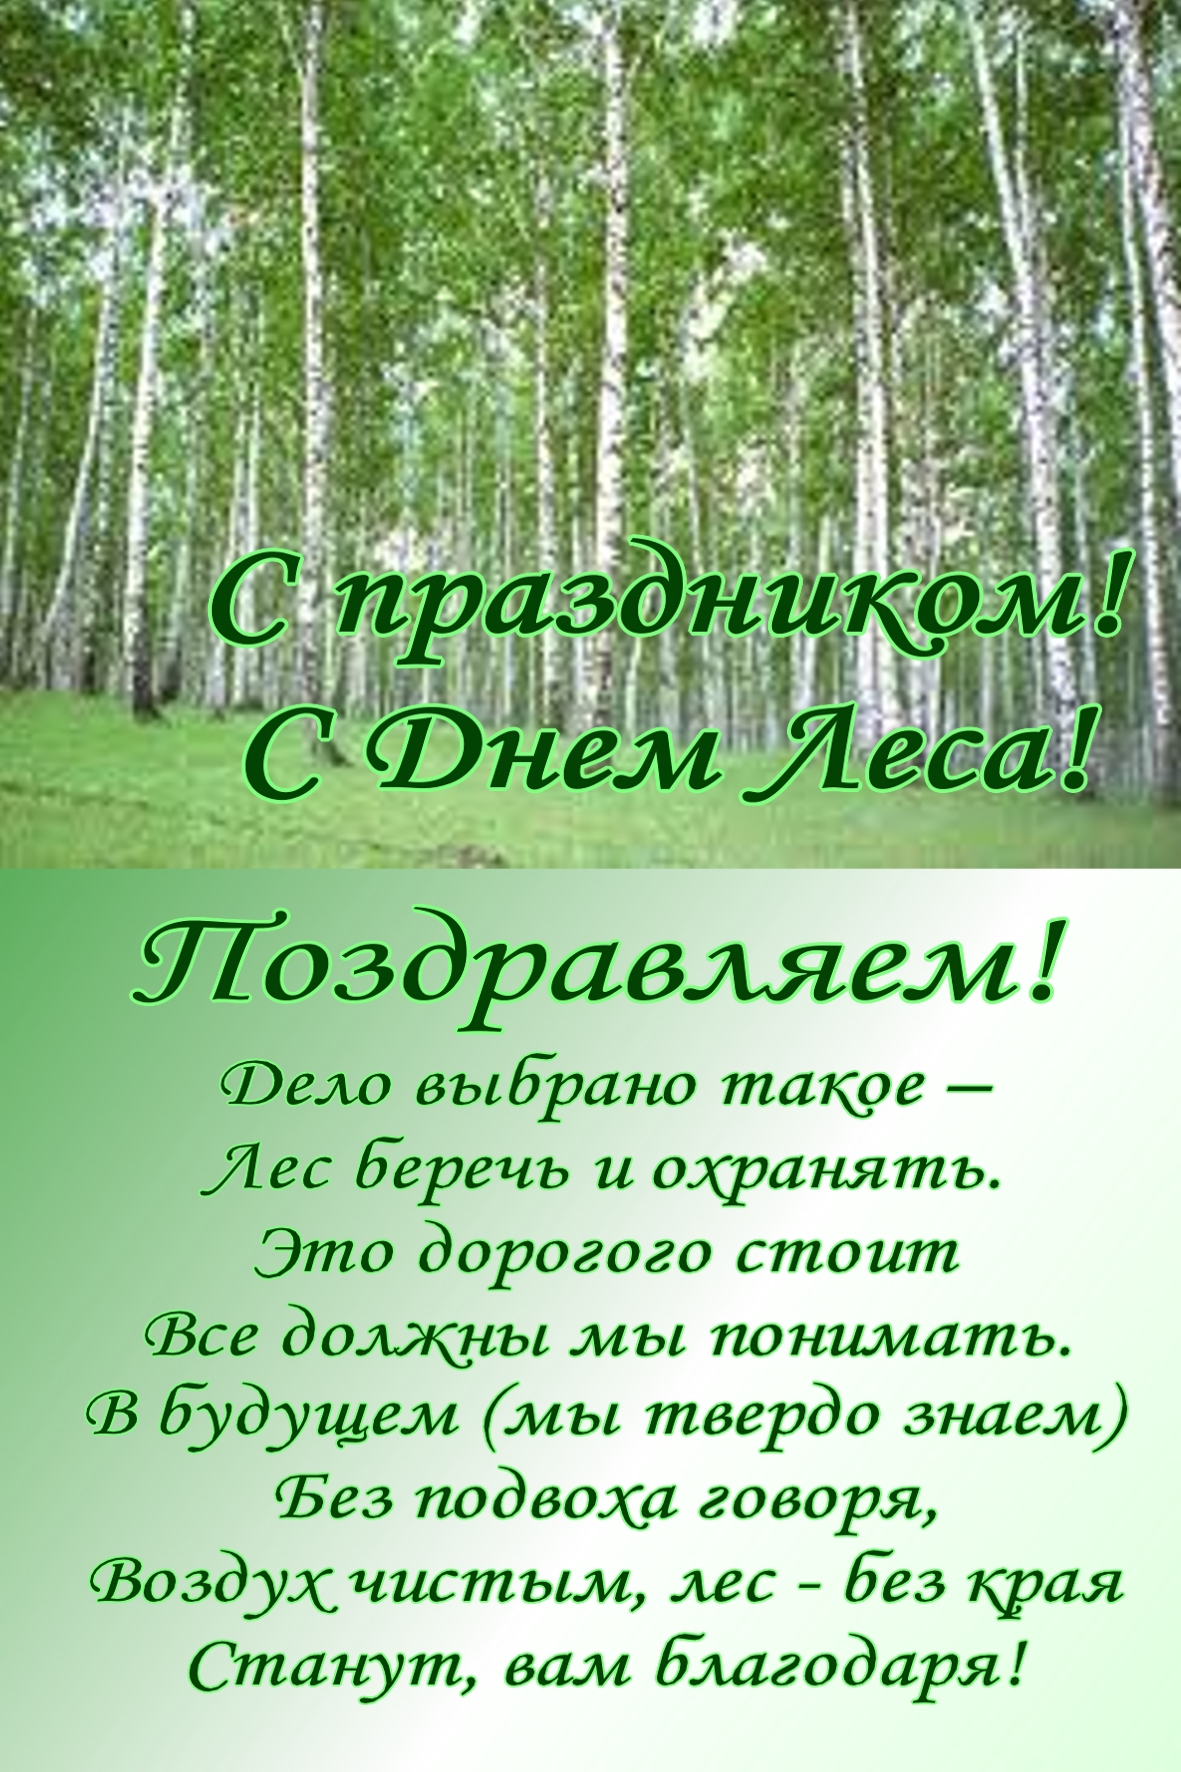 Поздравление с днем работников леса в стихах